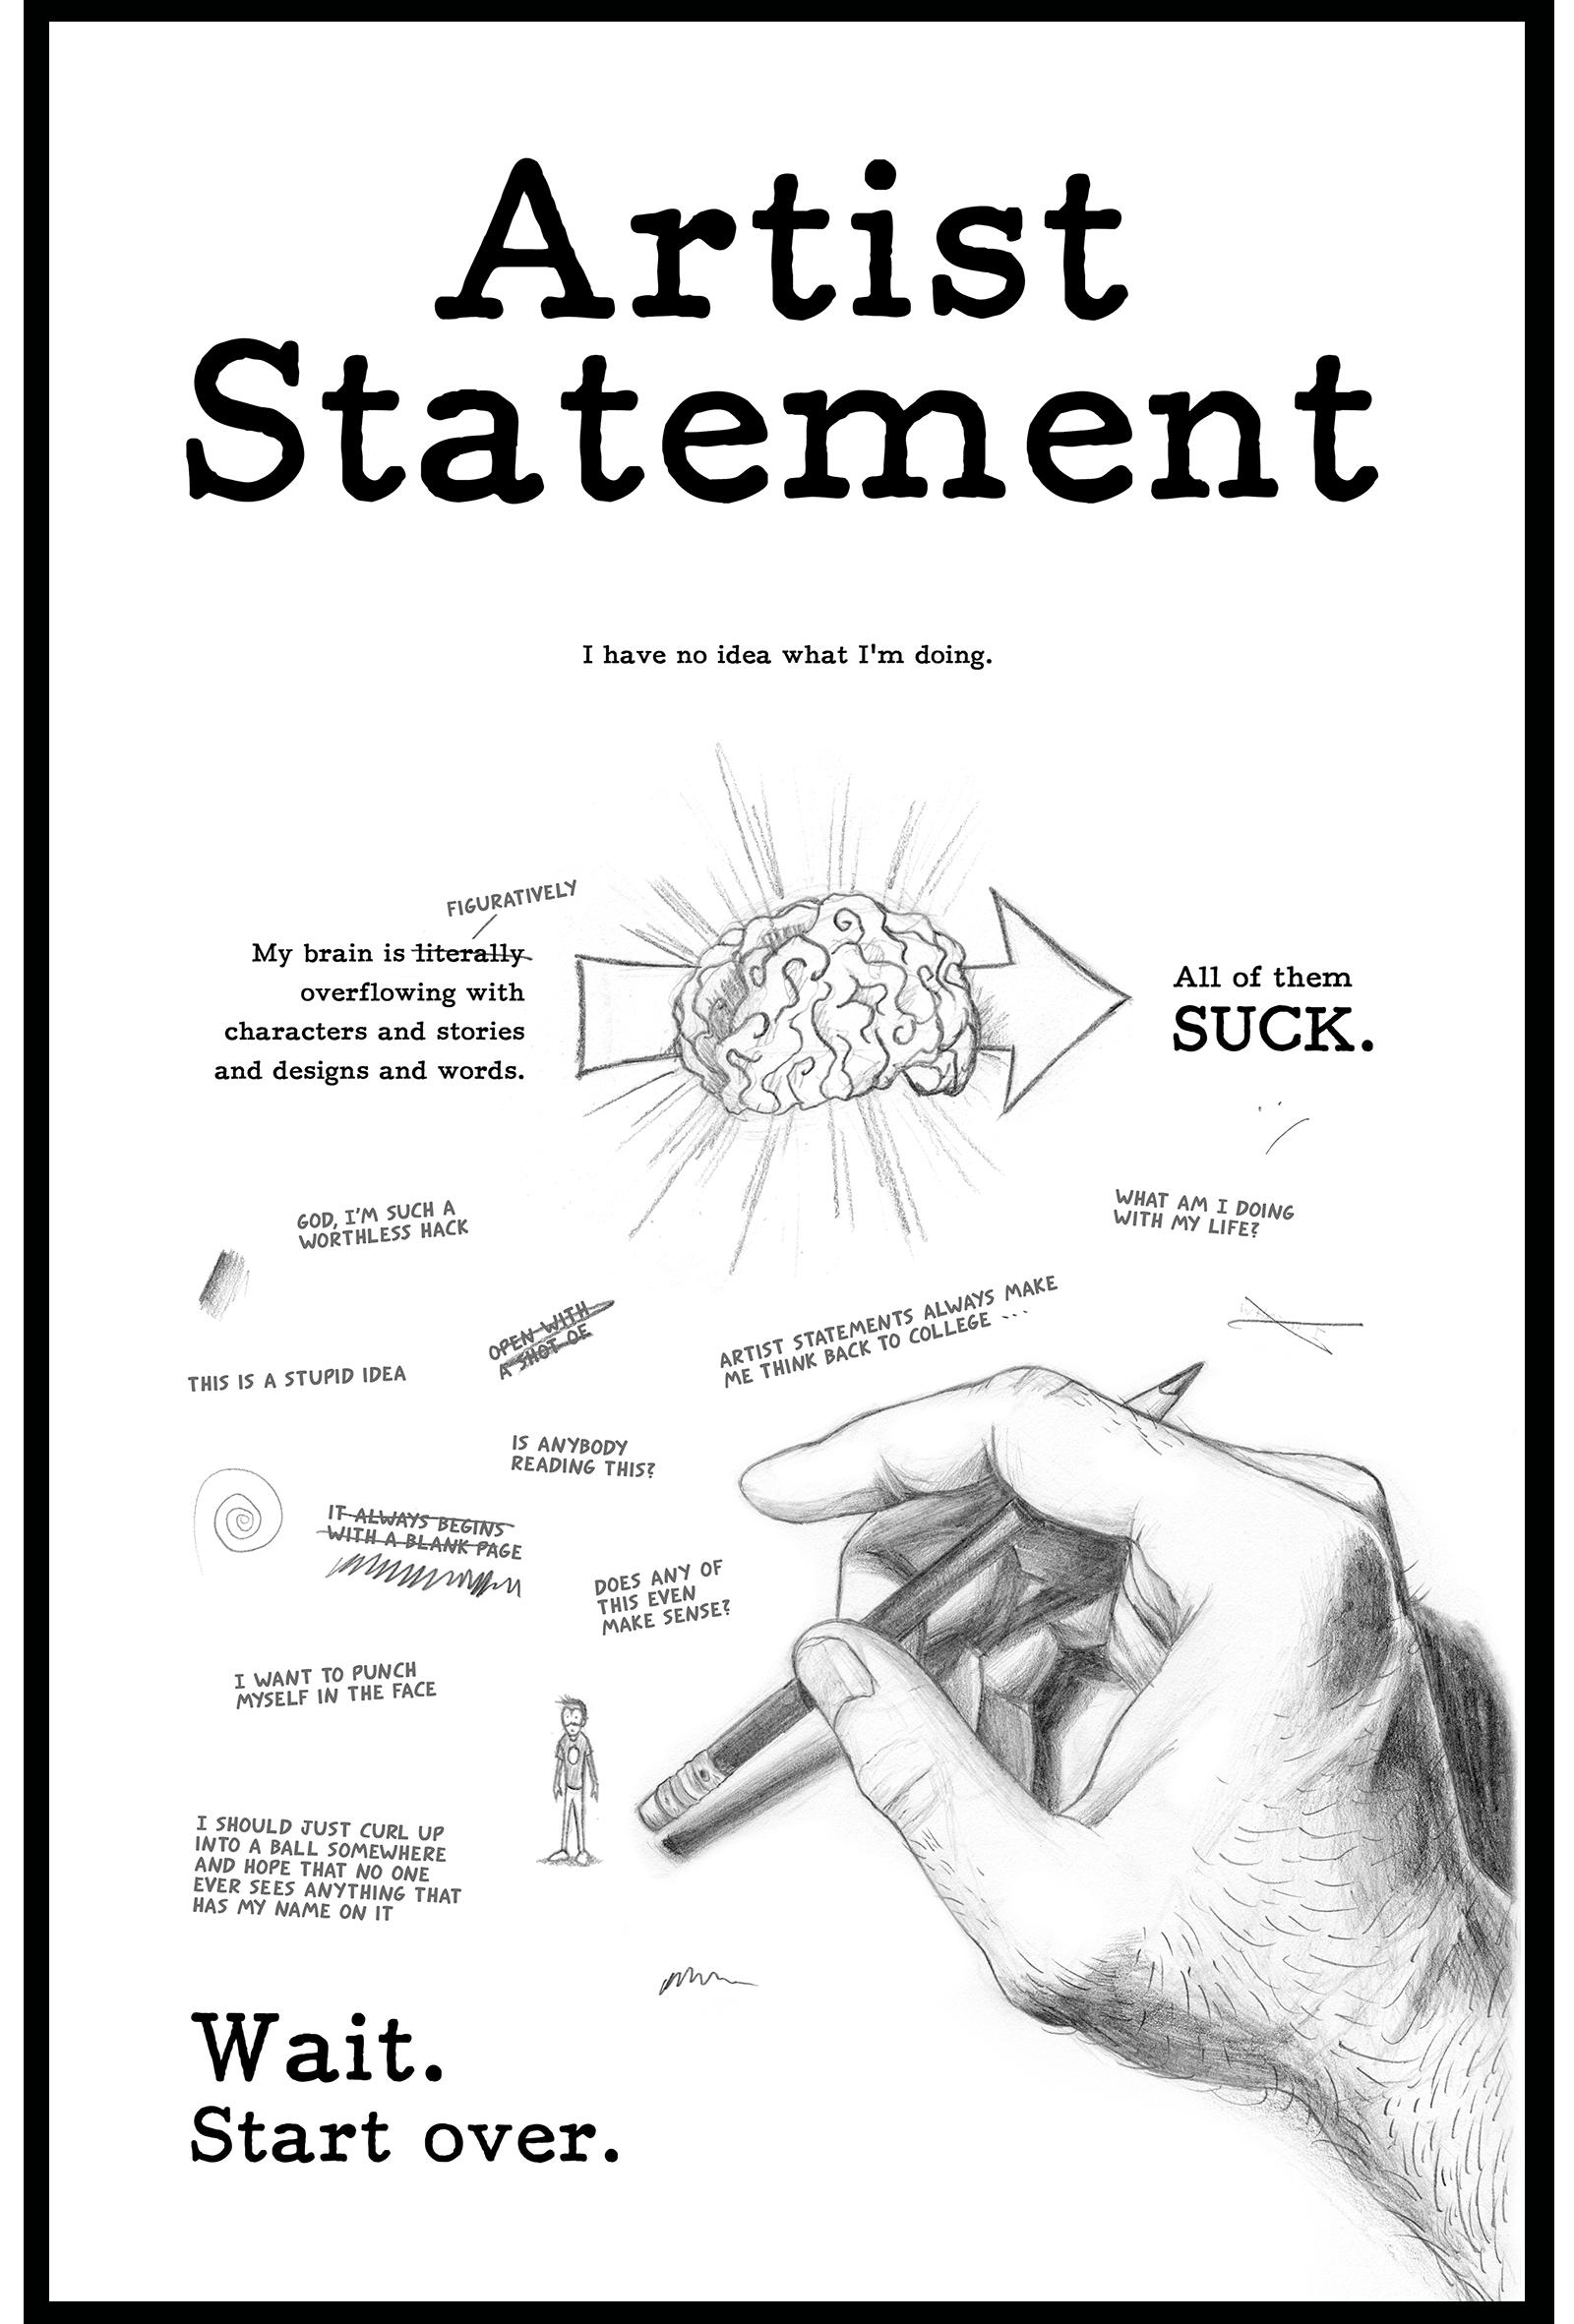 23-Artist-Statement-01